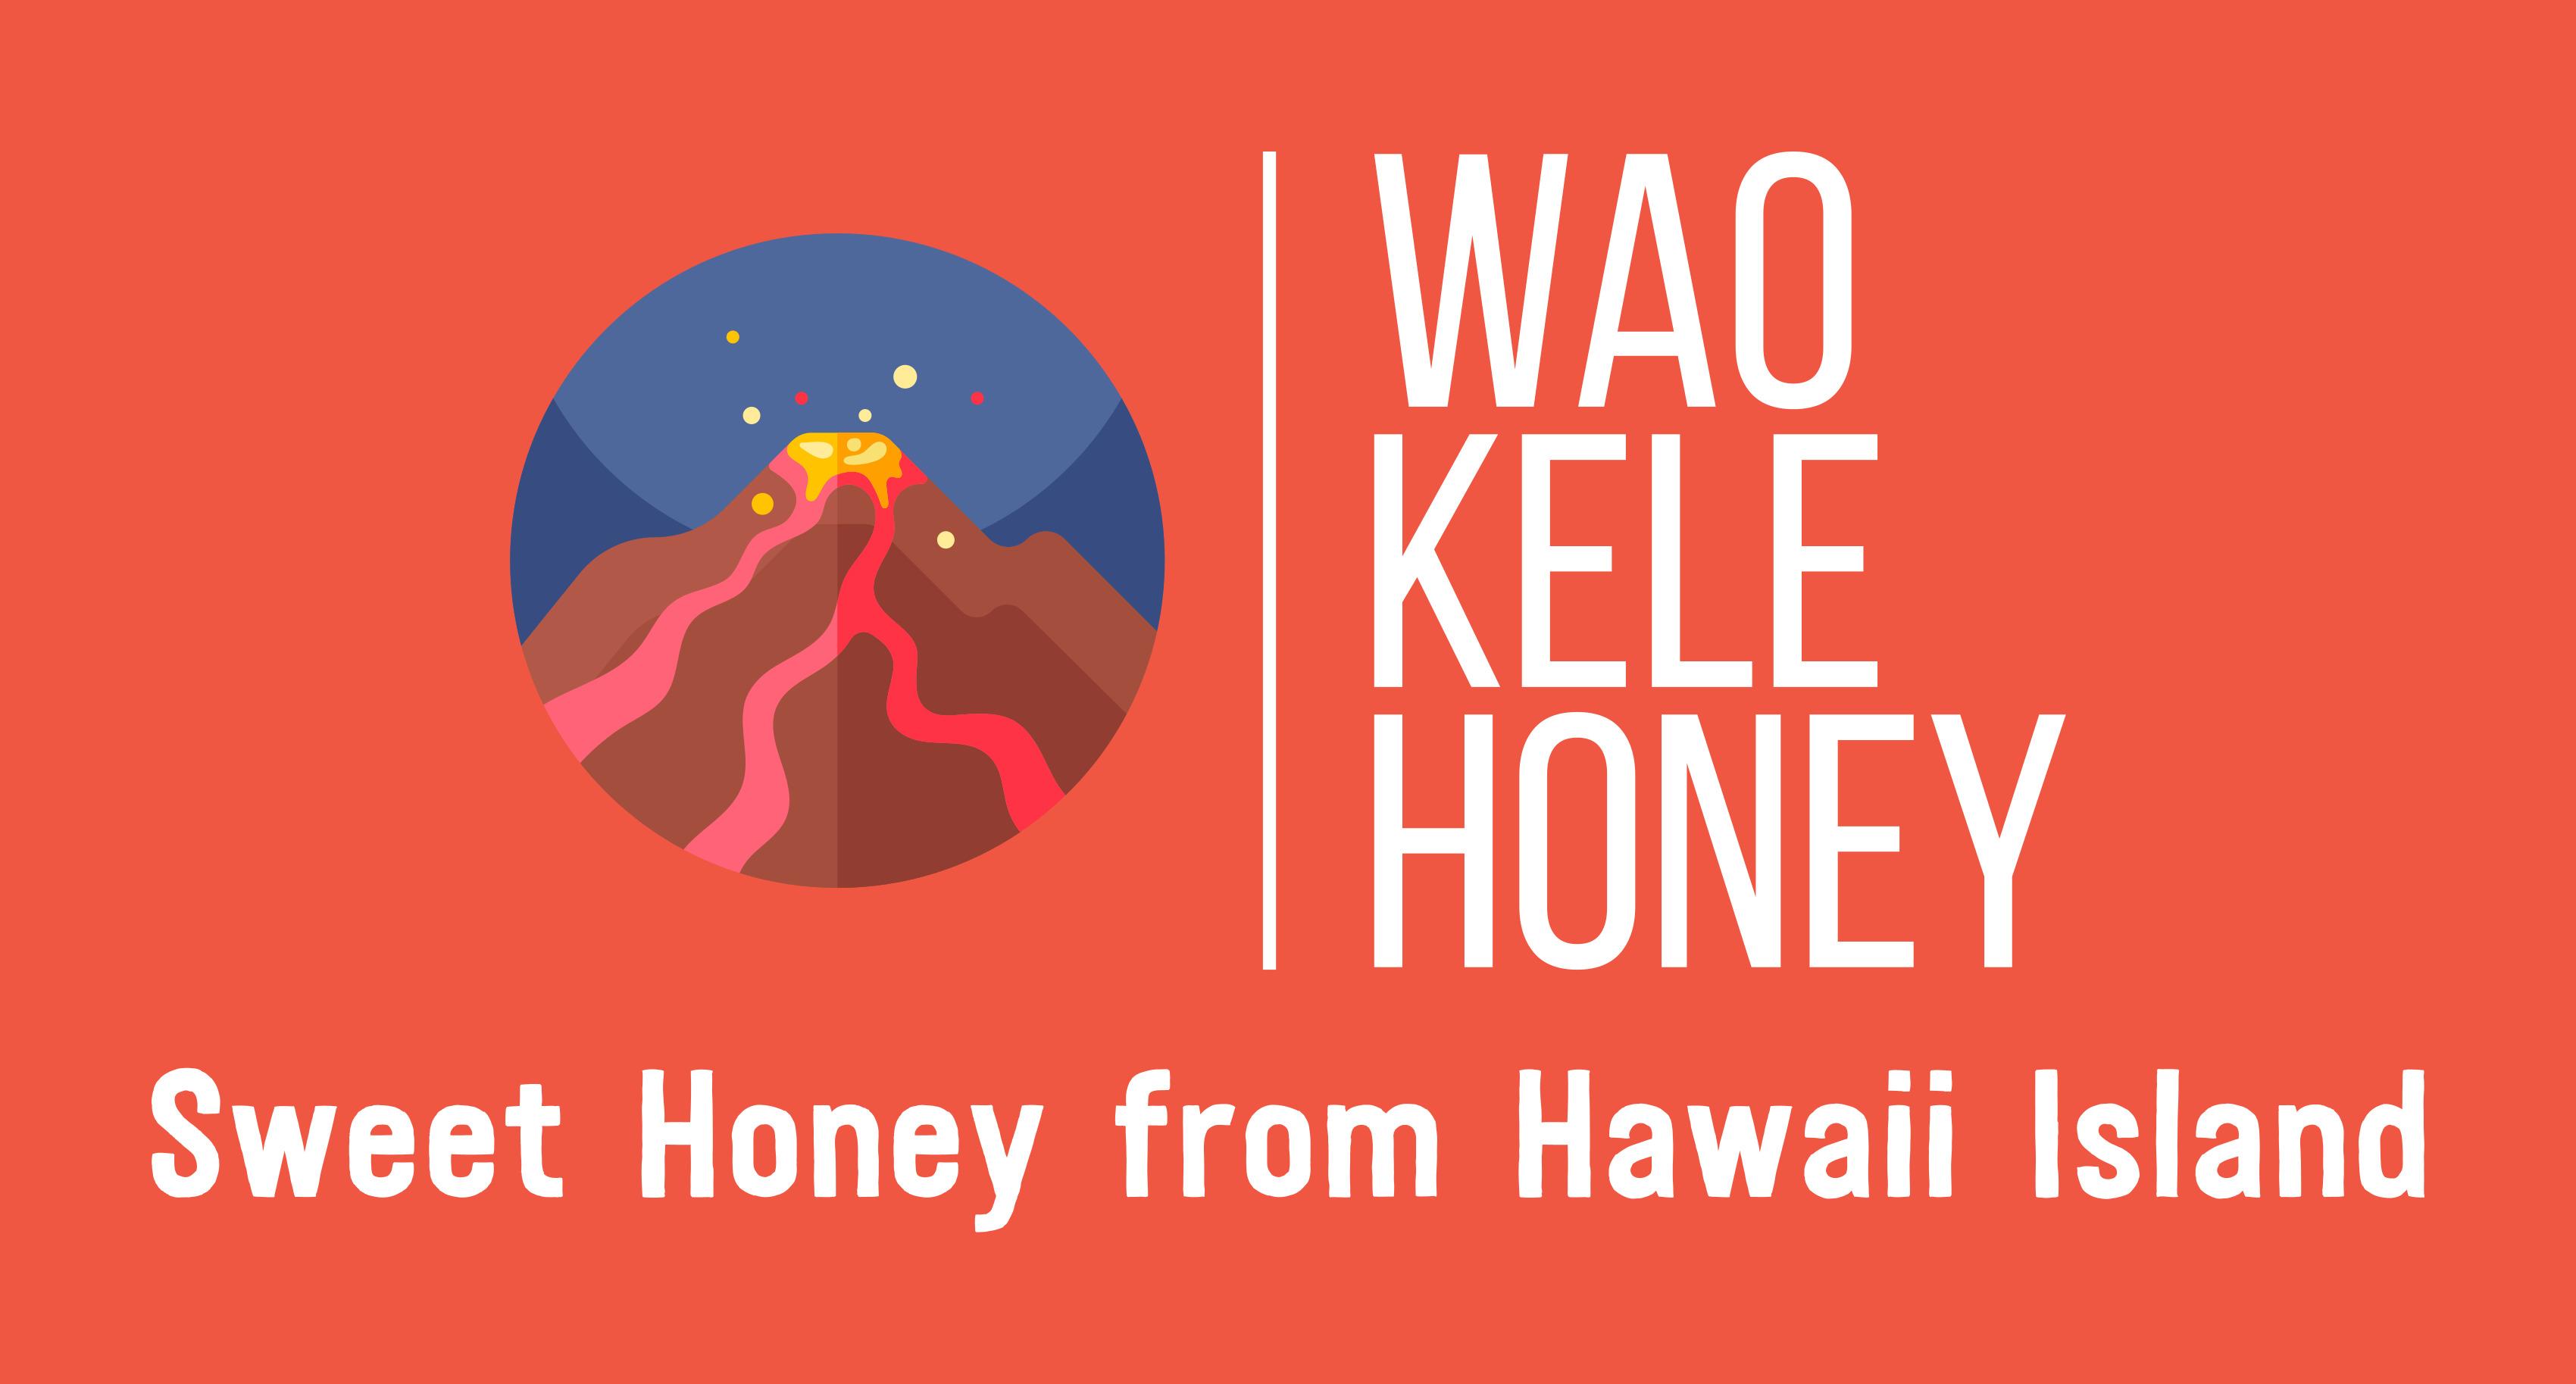 Wao Kele Farm & Supply